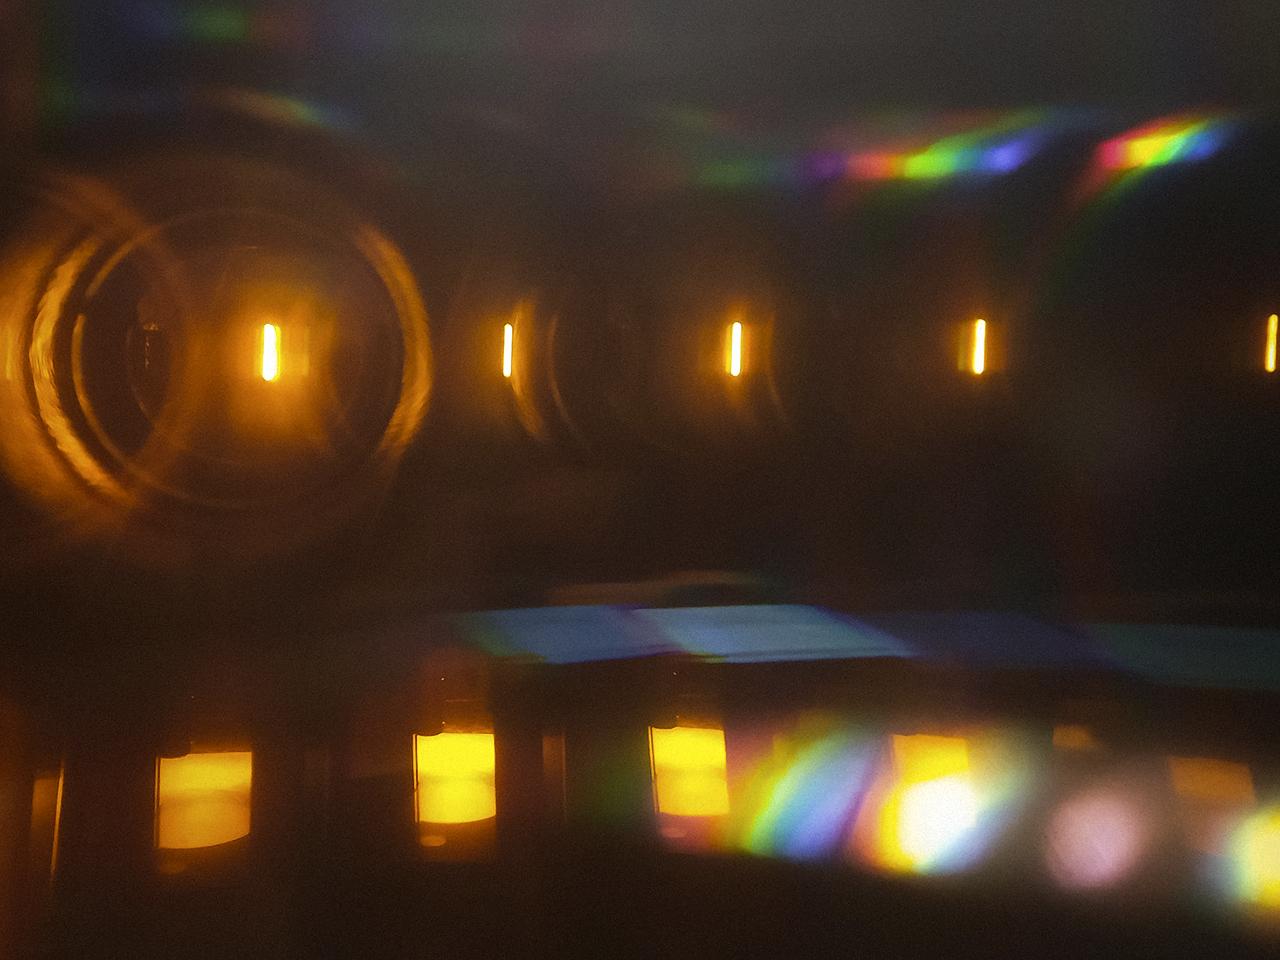 El IV Concurso de Fotografía del Laboratorio de Óptica ya tiene obras ganadoras